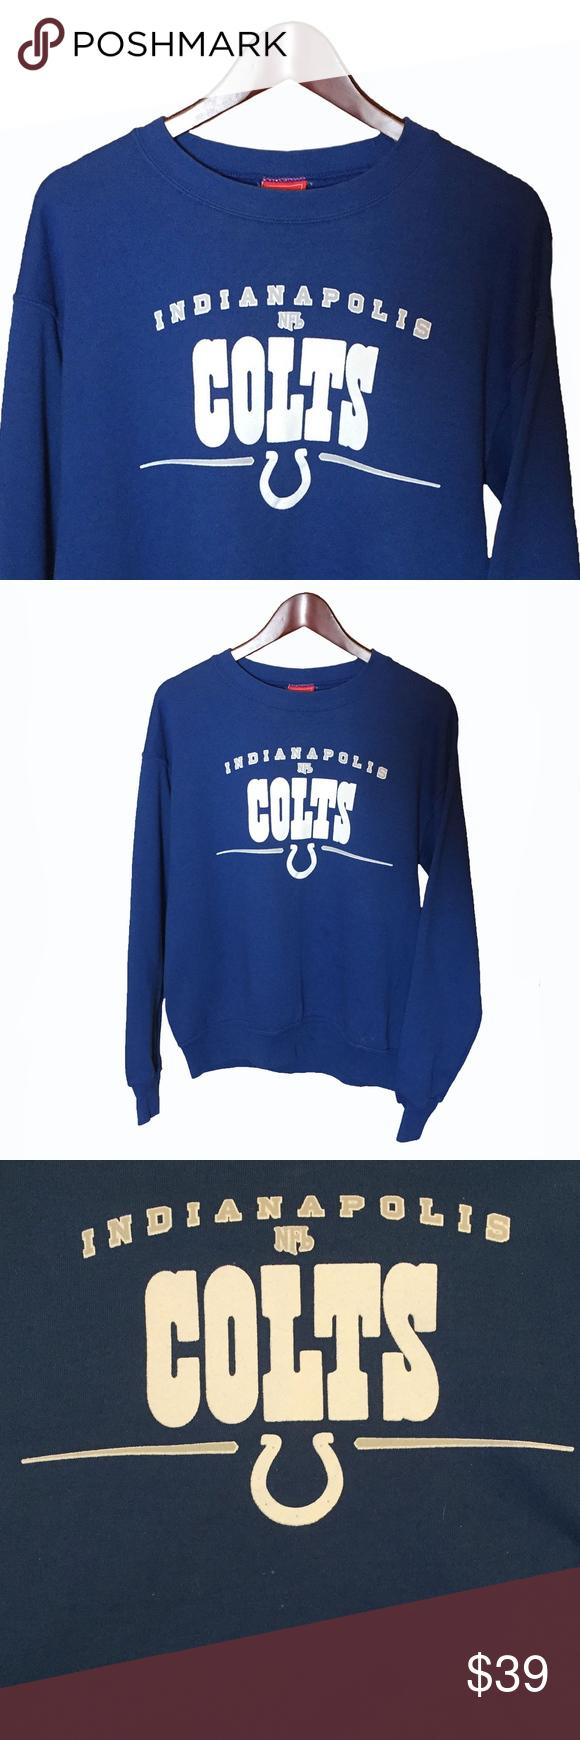 Indianapolis Colts Nfl Blue Sweatshirt Size M Blue Sweatshirt Sweatshirts Branded Sweatshirts [ 1740 x 580 Pixel ]